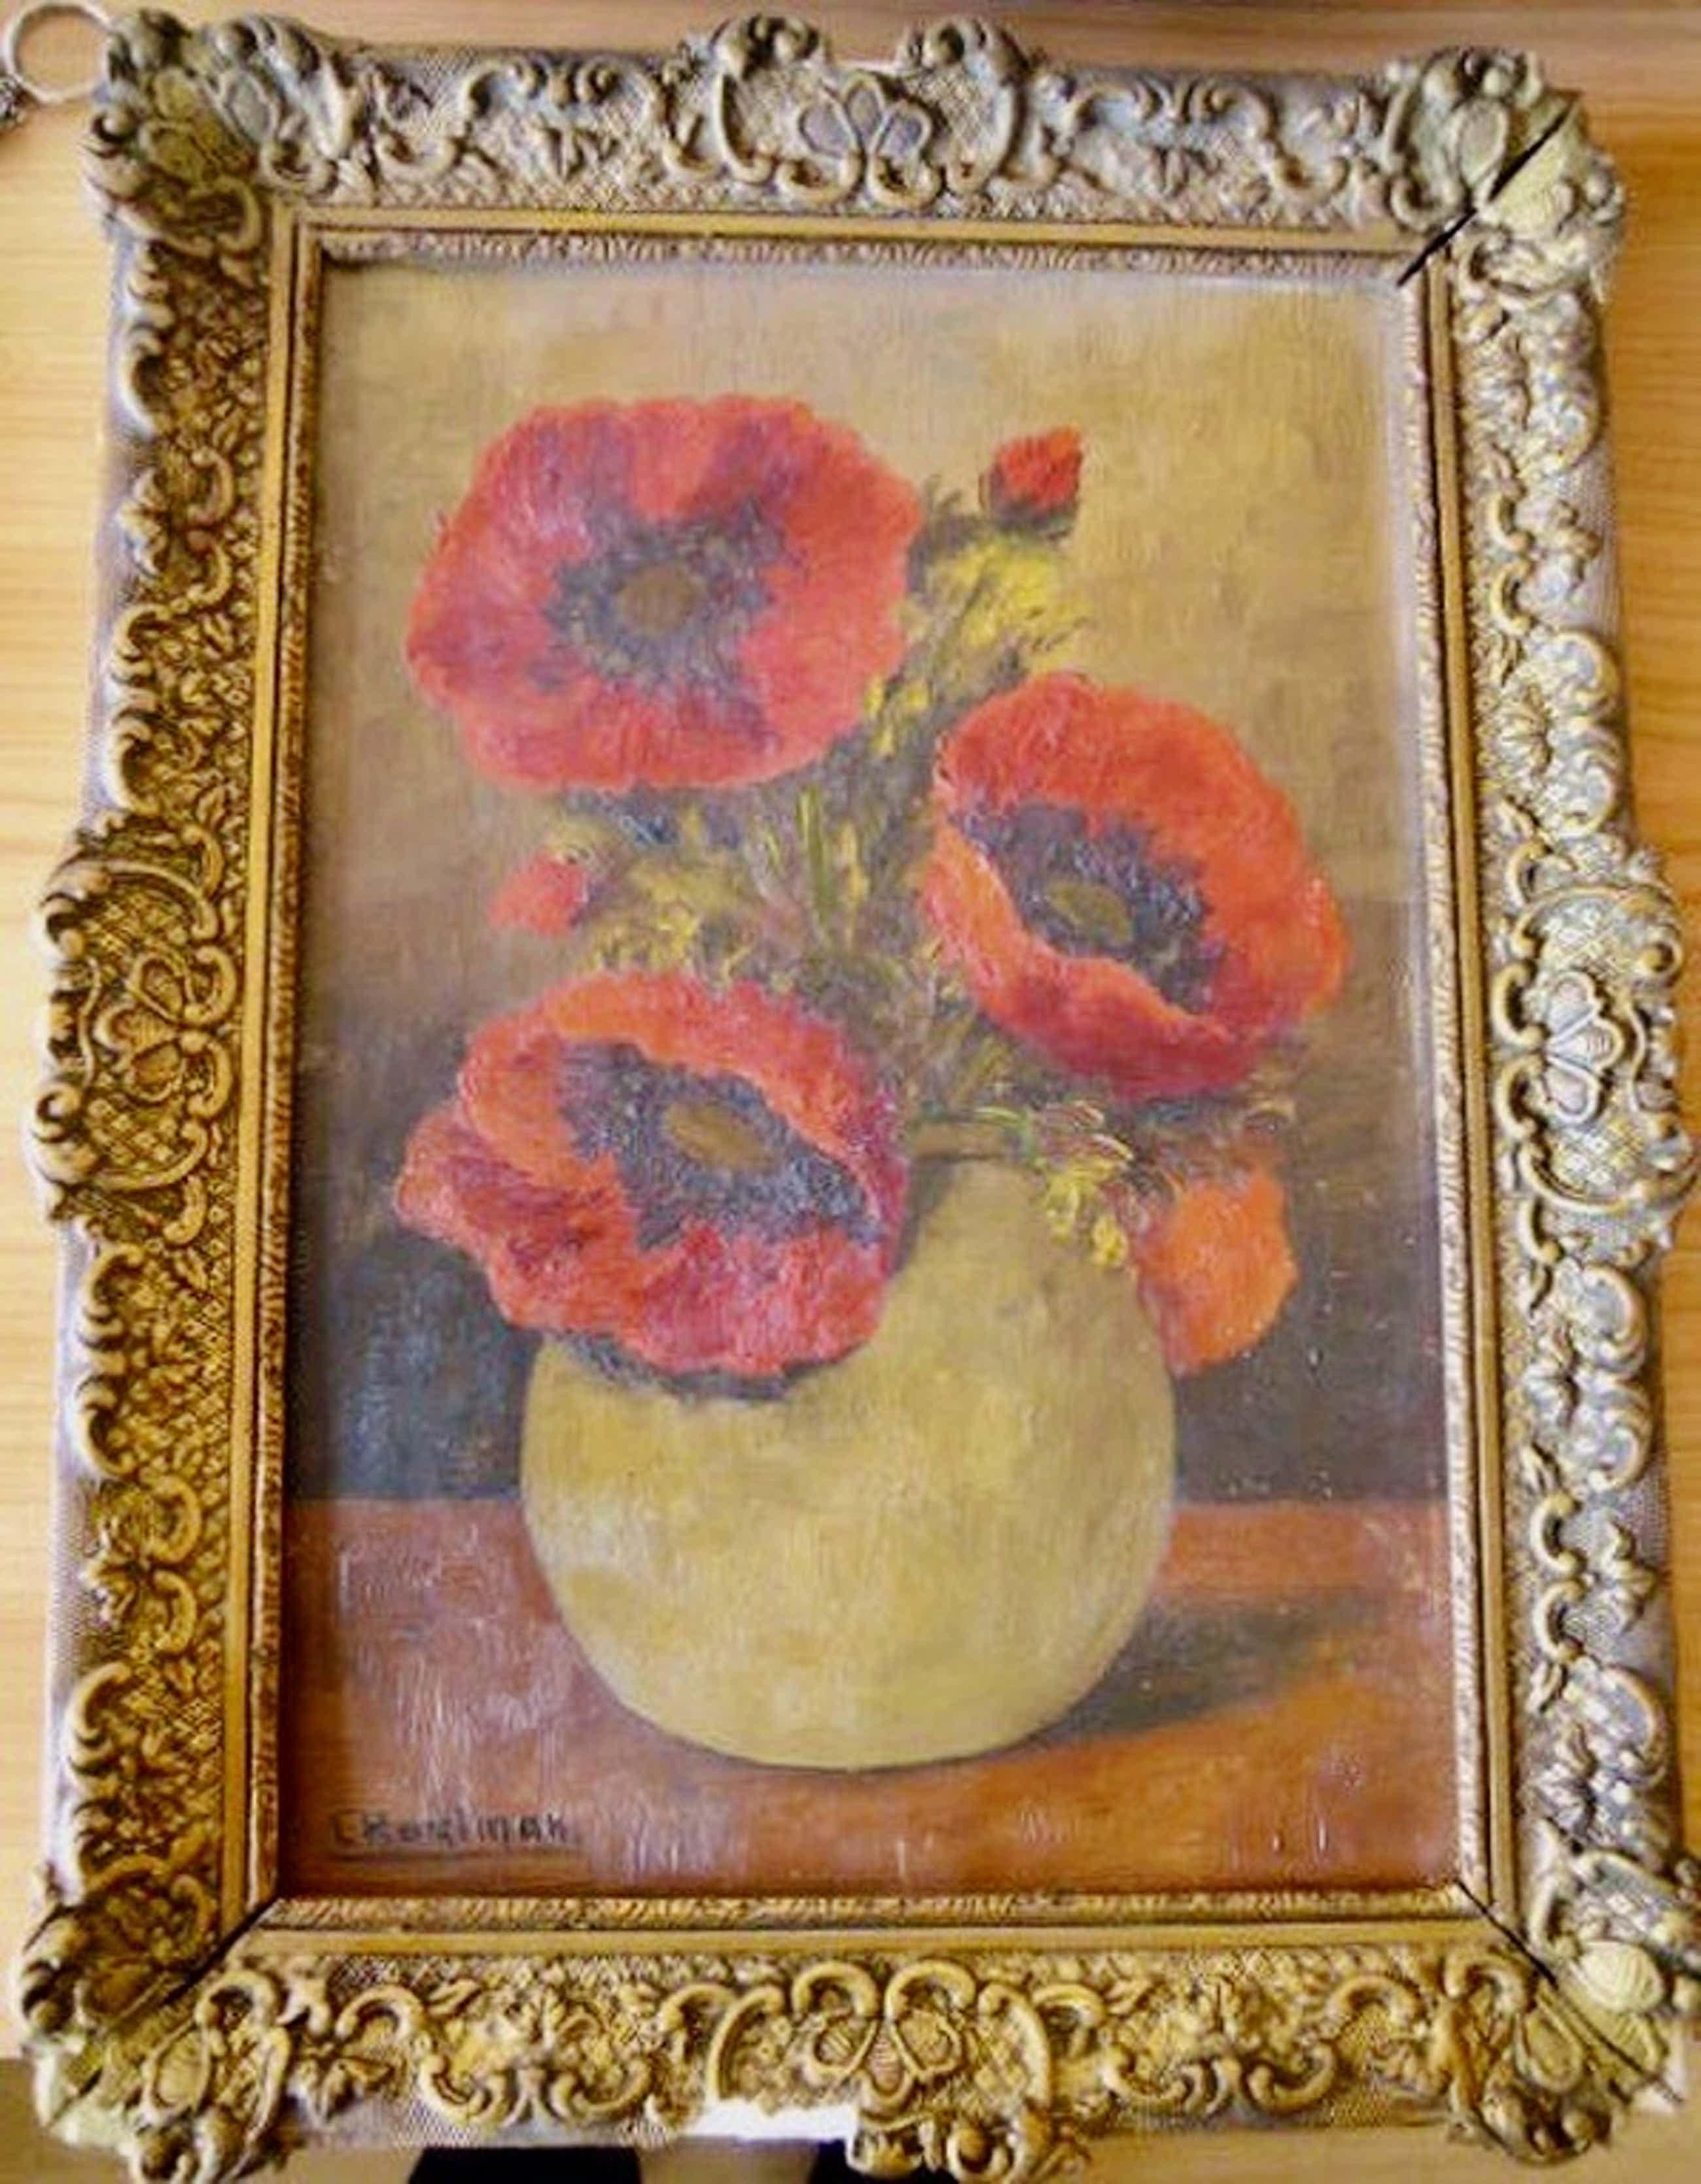 Schilderij L. Hartman - klaprozen - 43 X 32 cm.   kopen? Bied vanaf 60!